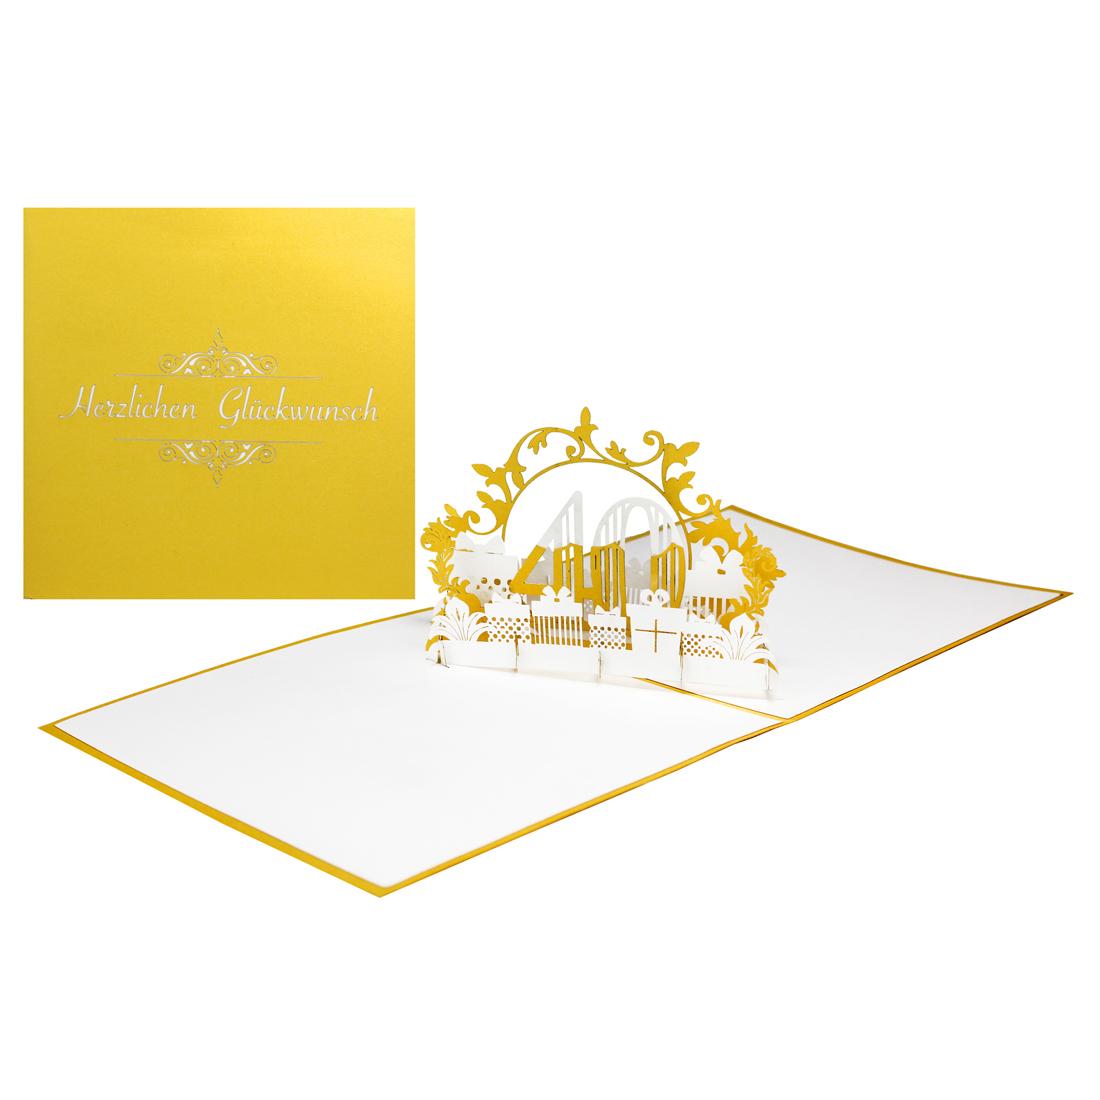 """Pop-Up Karte """"40 Jahre"""" - Geburtstagskarte mit Zahl, Glückwunschkarte zum Jubiläum"""